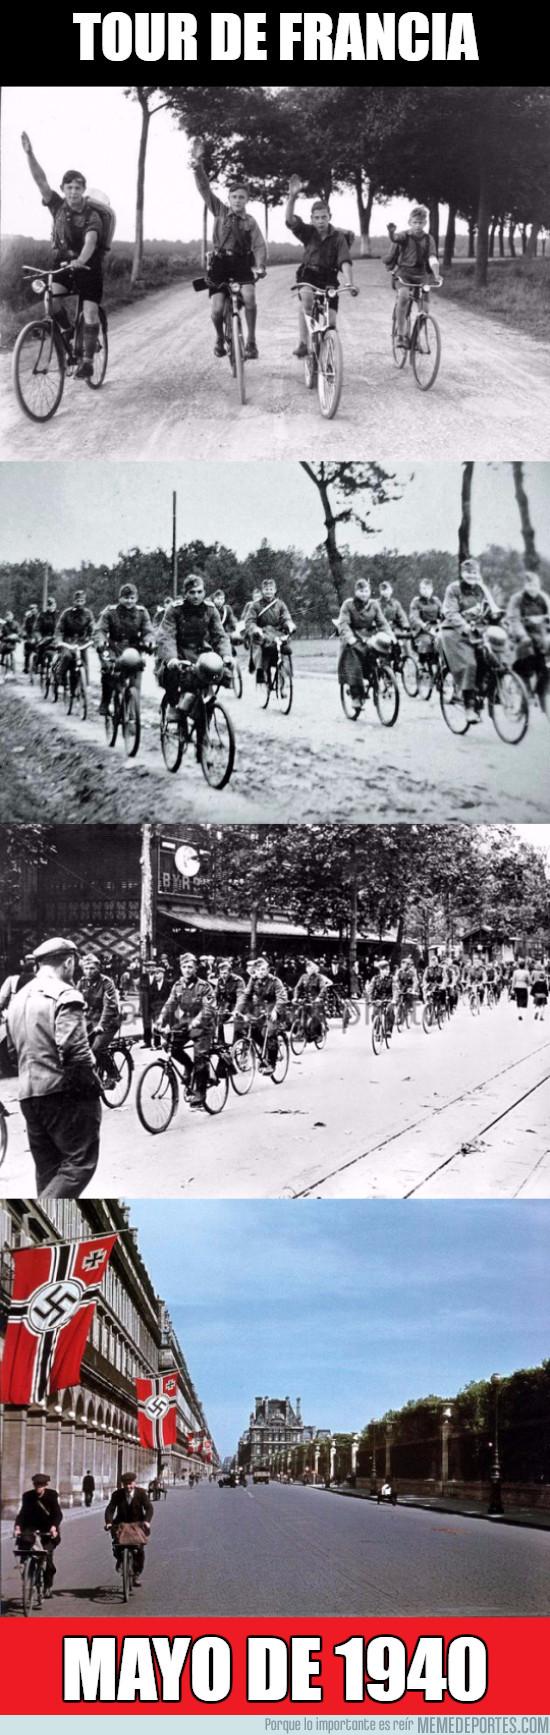 985647 - Histórico Tour de Francia